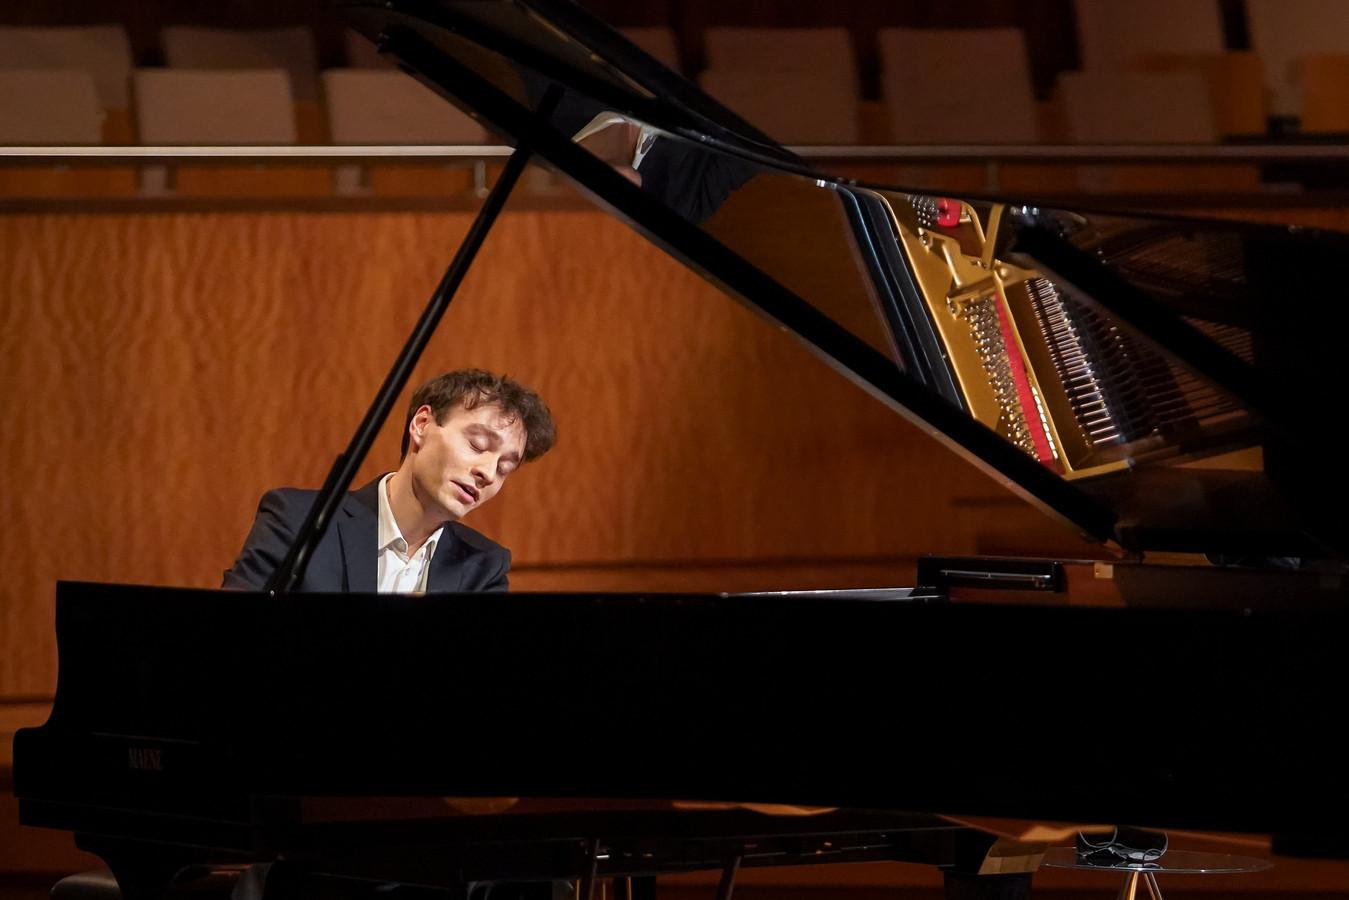 Jonathan Fournel, de winnaar van het Koningin Elisabeth Concours 2021.